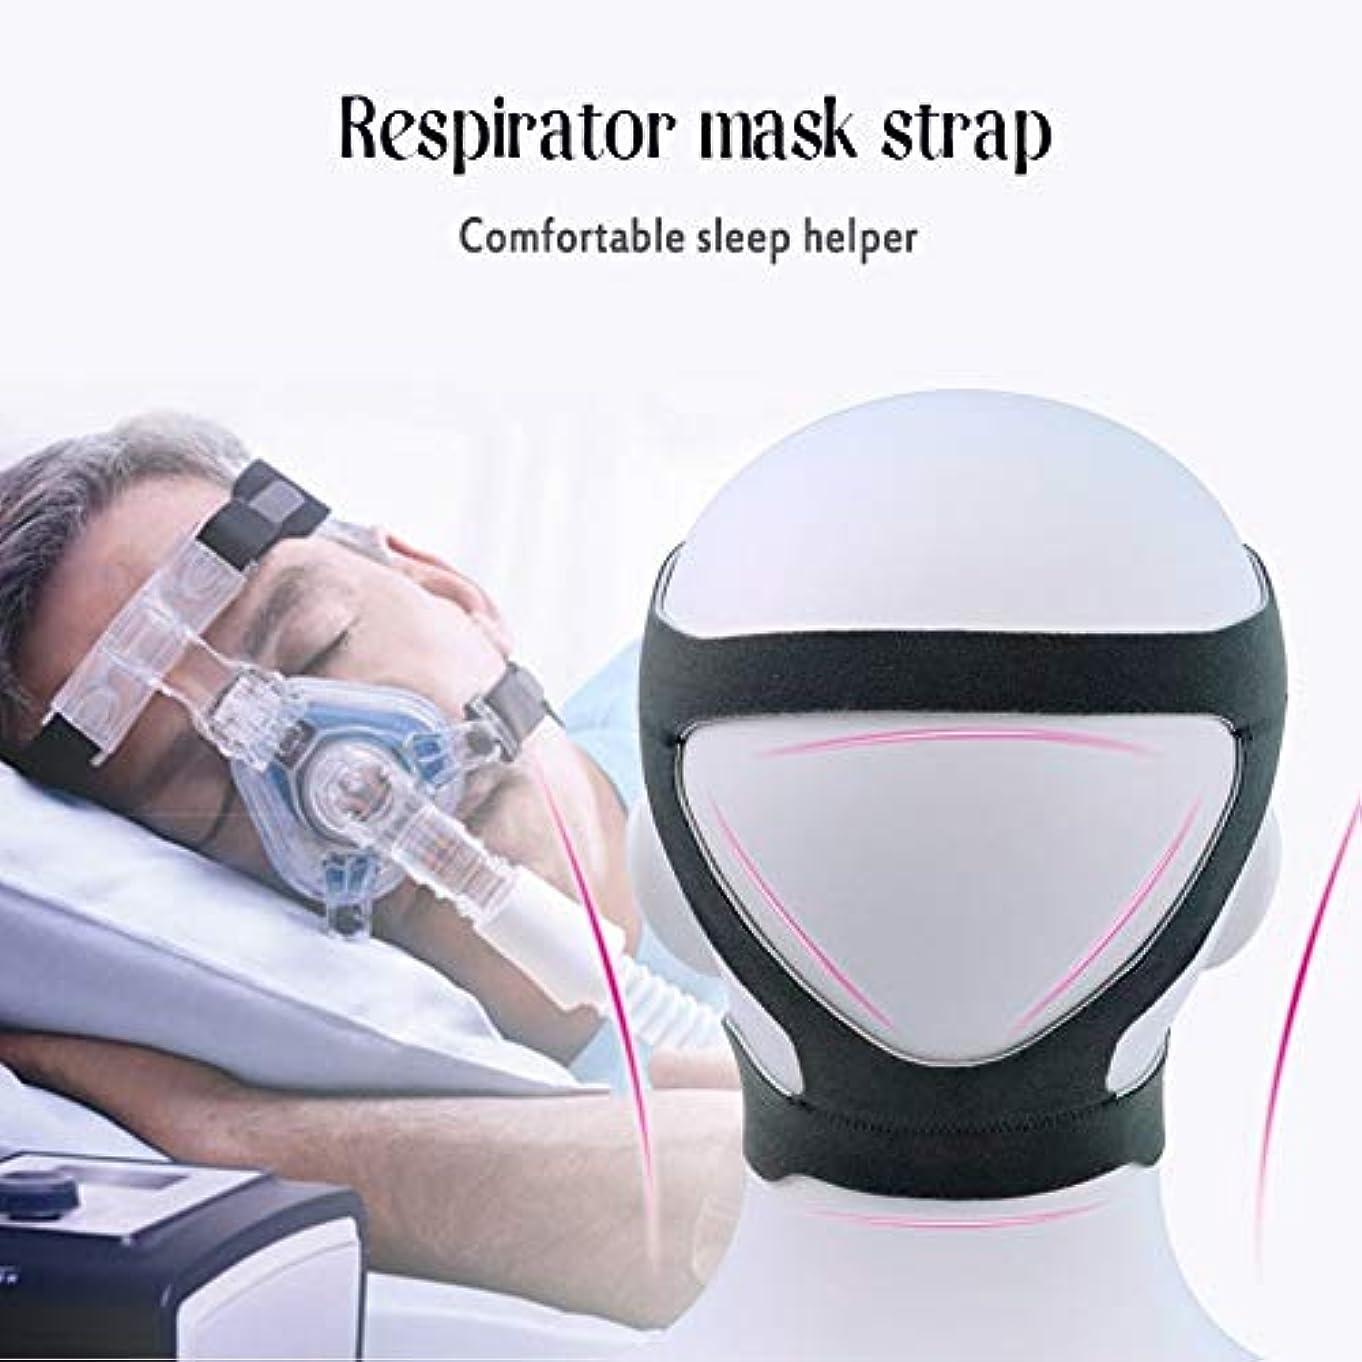 とげ移植テスト注無臭の耐久性のあるCPAP用ヘッドギアマスク弾性繊維ヘッドバンドユニバーサル鼻用マスクフルフェイスマスクヘッドベルト医療用